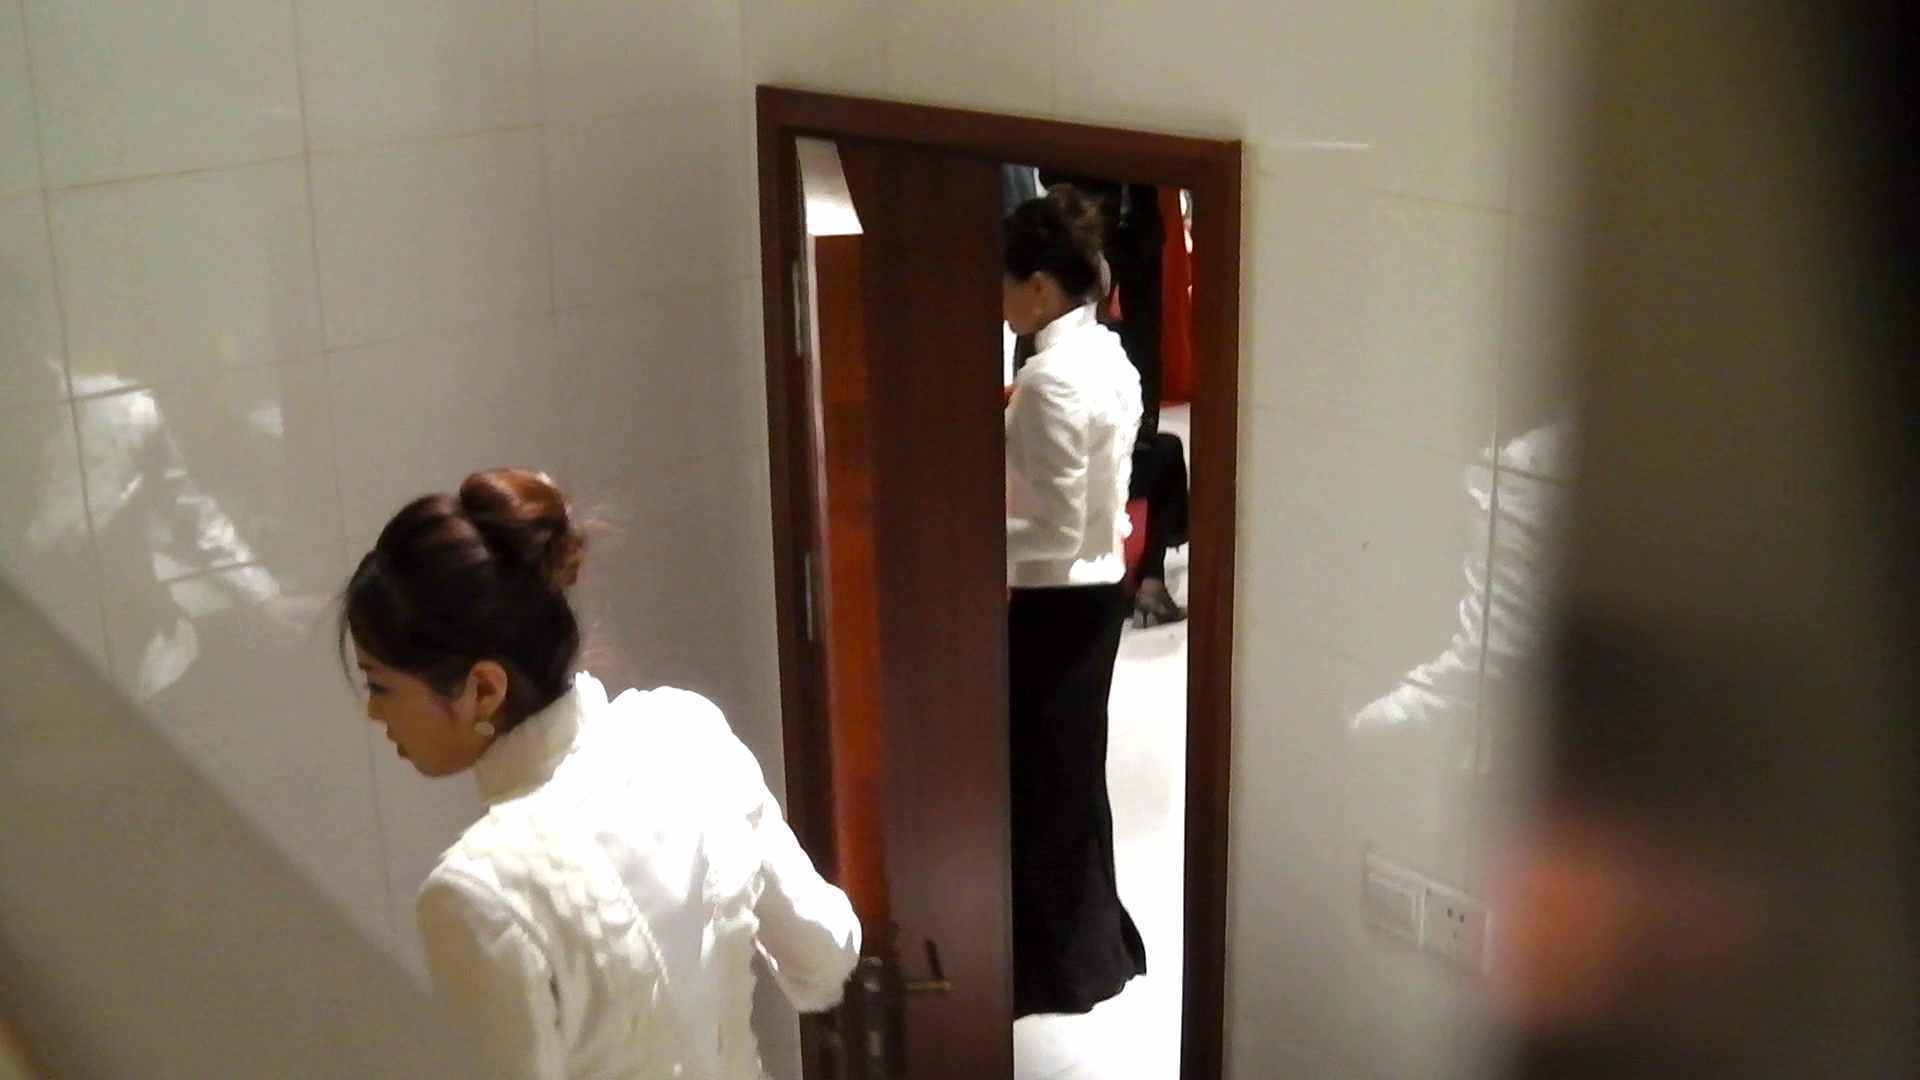 洗寿観音さんの 化粧室は四面楚歌Nol.4 洗面所 | 色っぽいOL達  104pic 103